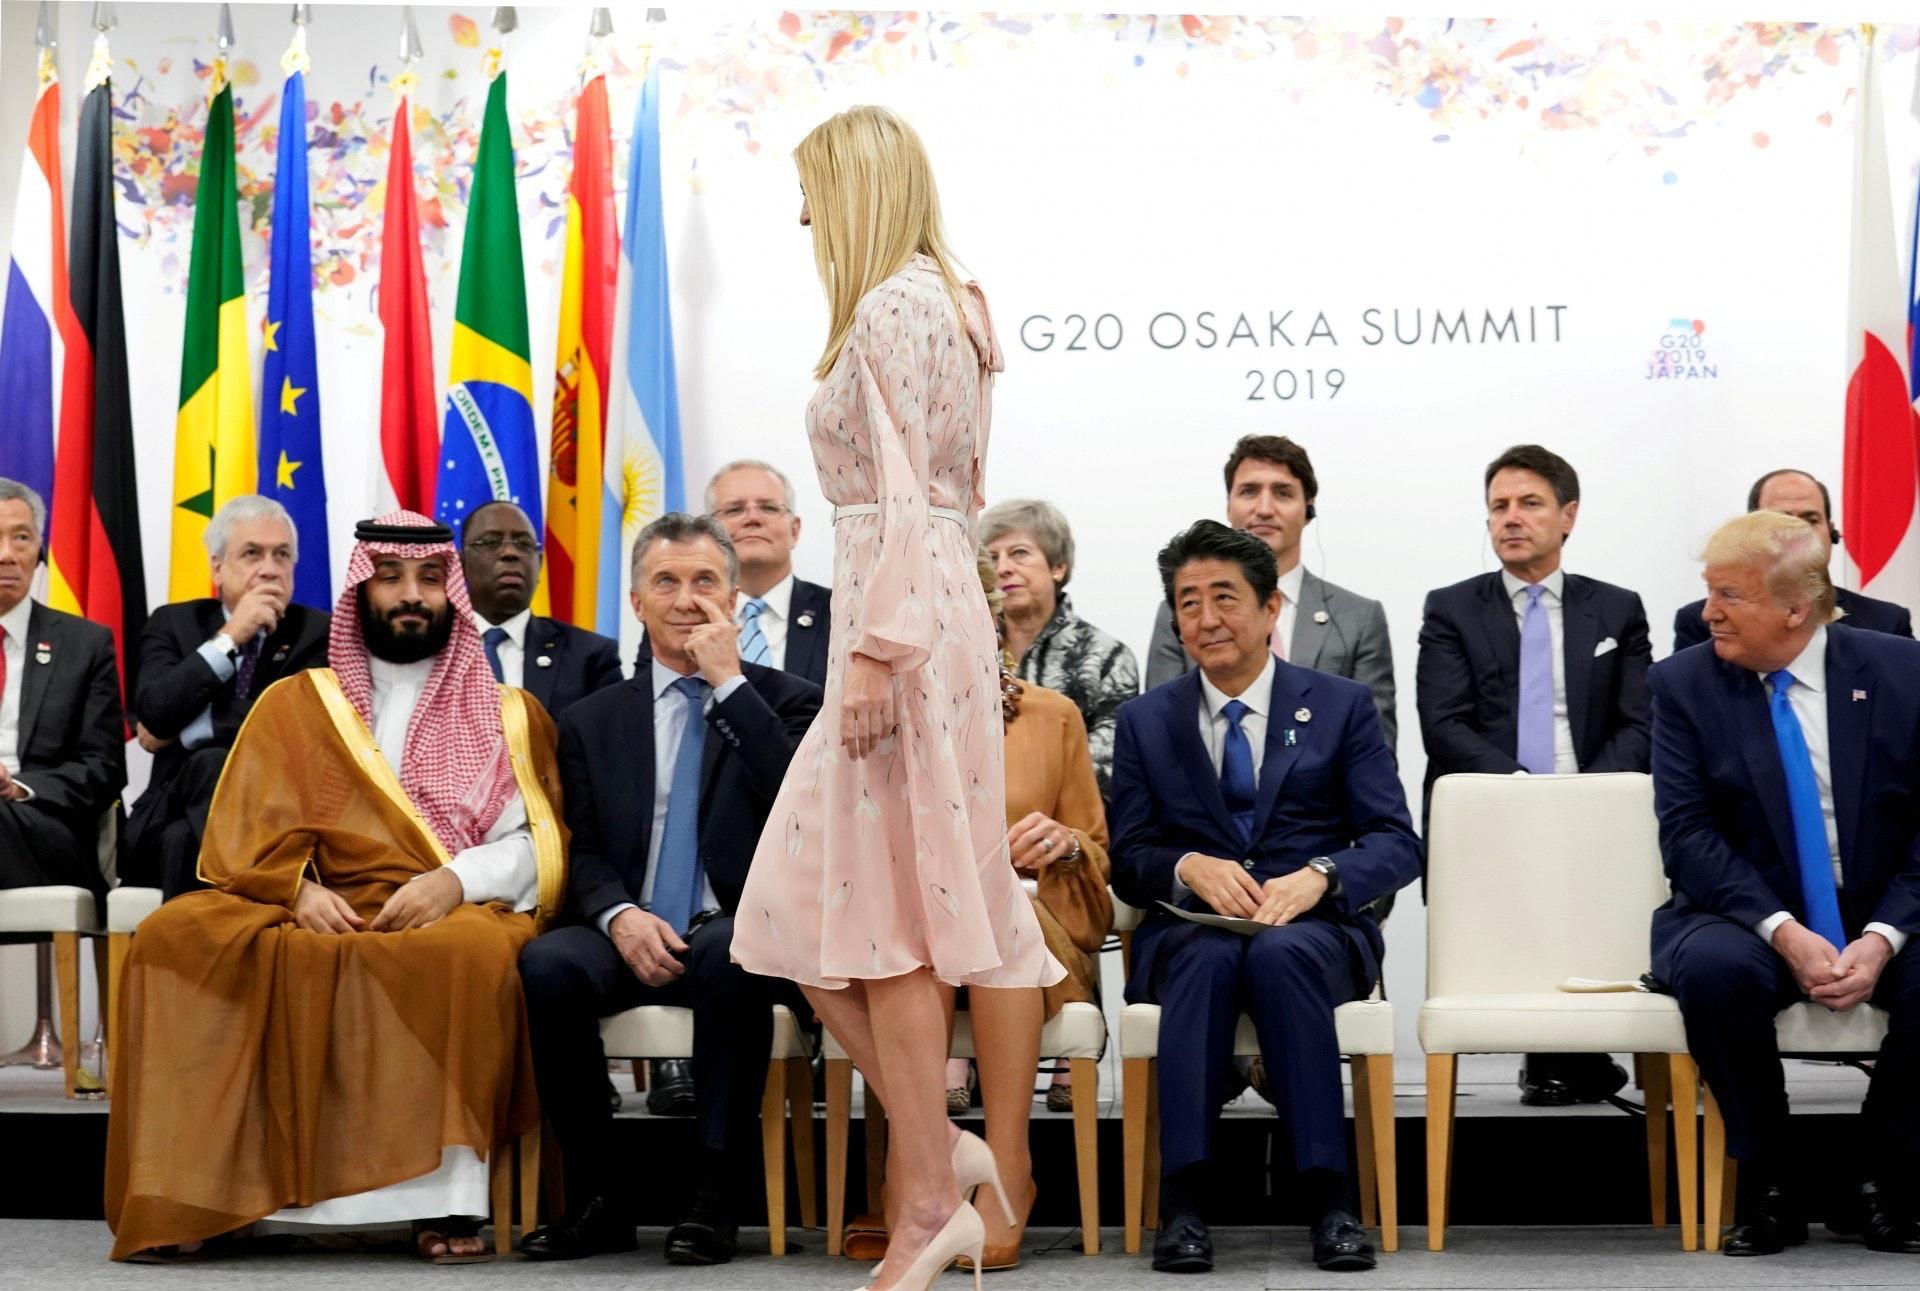 美國第一千金伊萬卡:伊萬卡2019年7月1日現身日本大阪二十國集團峰會,圖為她6月29日出席二十國集團峰會的女性權益活動獲邀坐在「主人家」安倍晉三旁邊,不少領導人都將目光放在她身上。(Reuters)